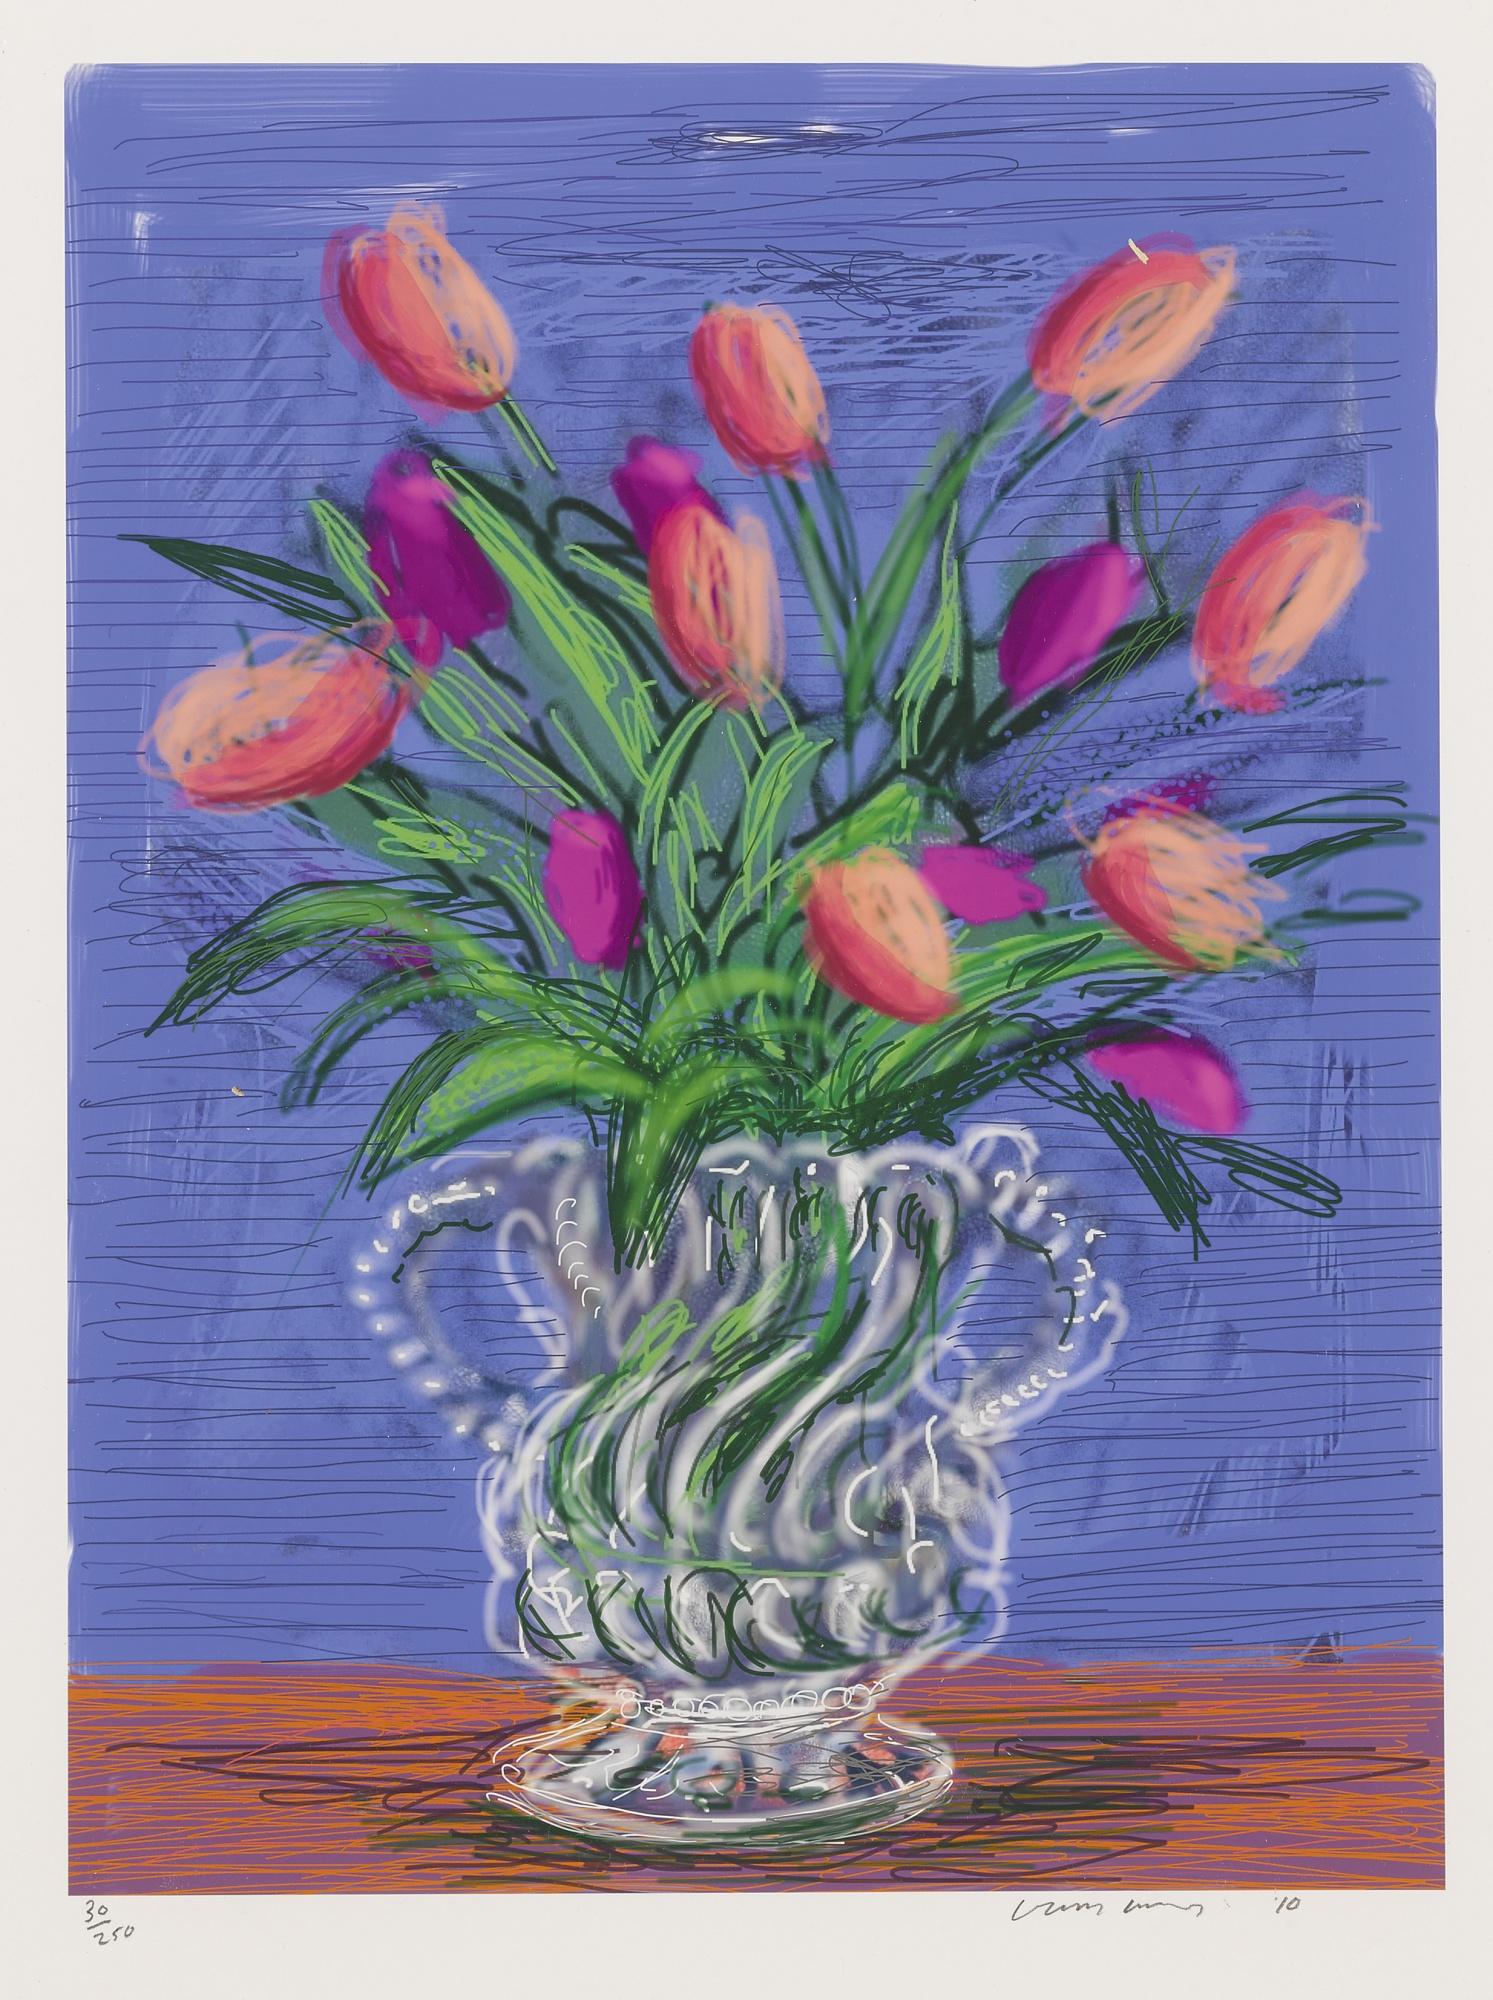 David Hockney-Ipad Drawing Untitled, 346-2010